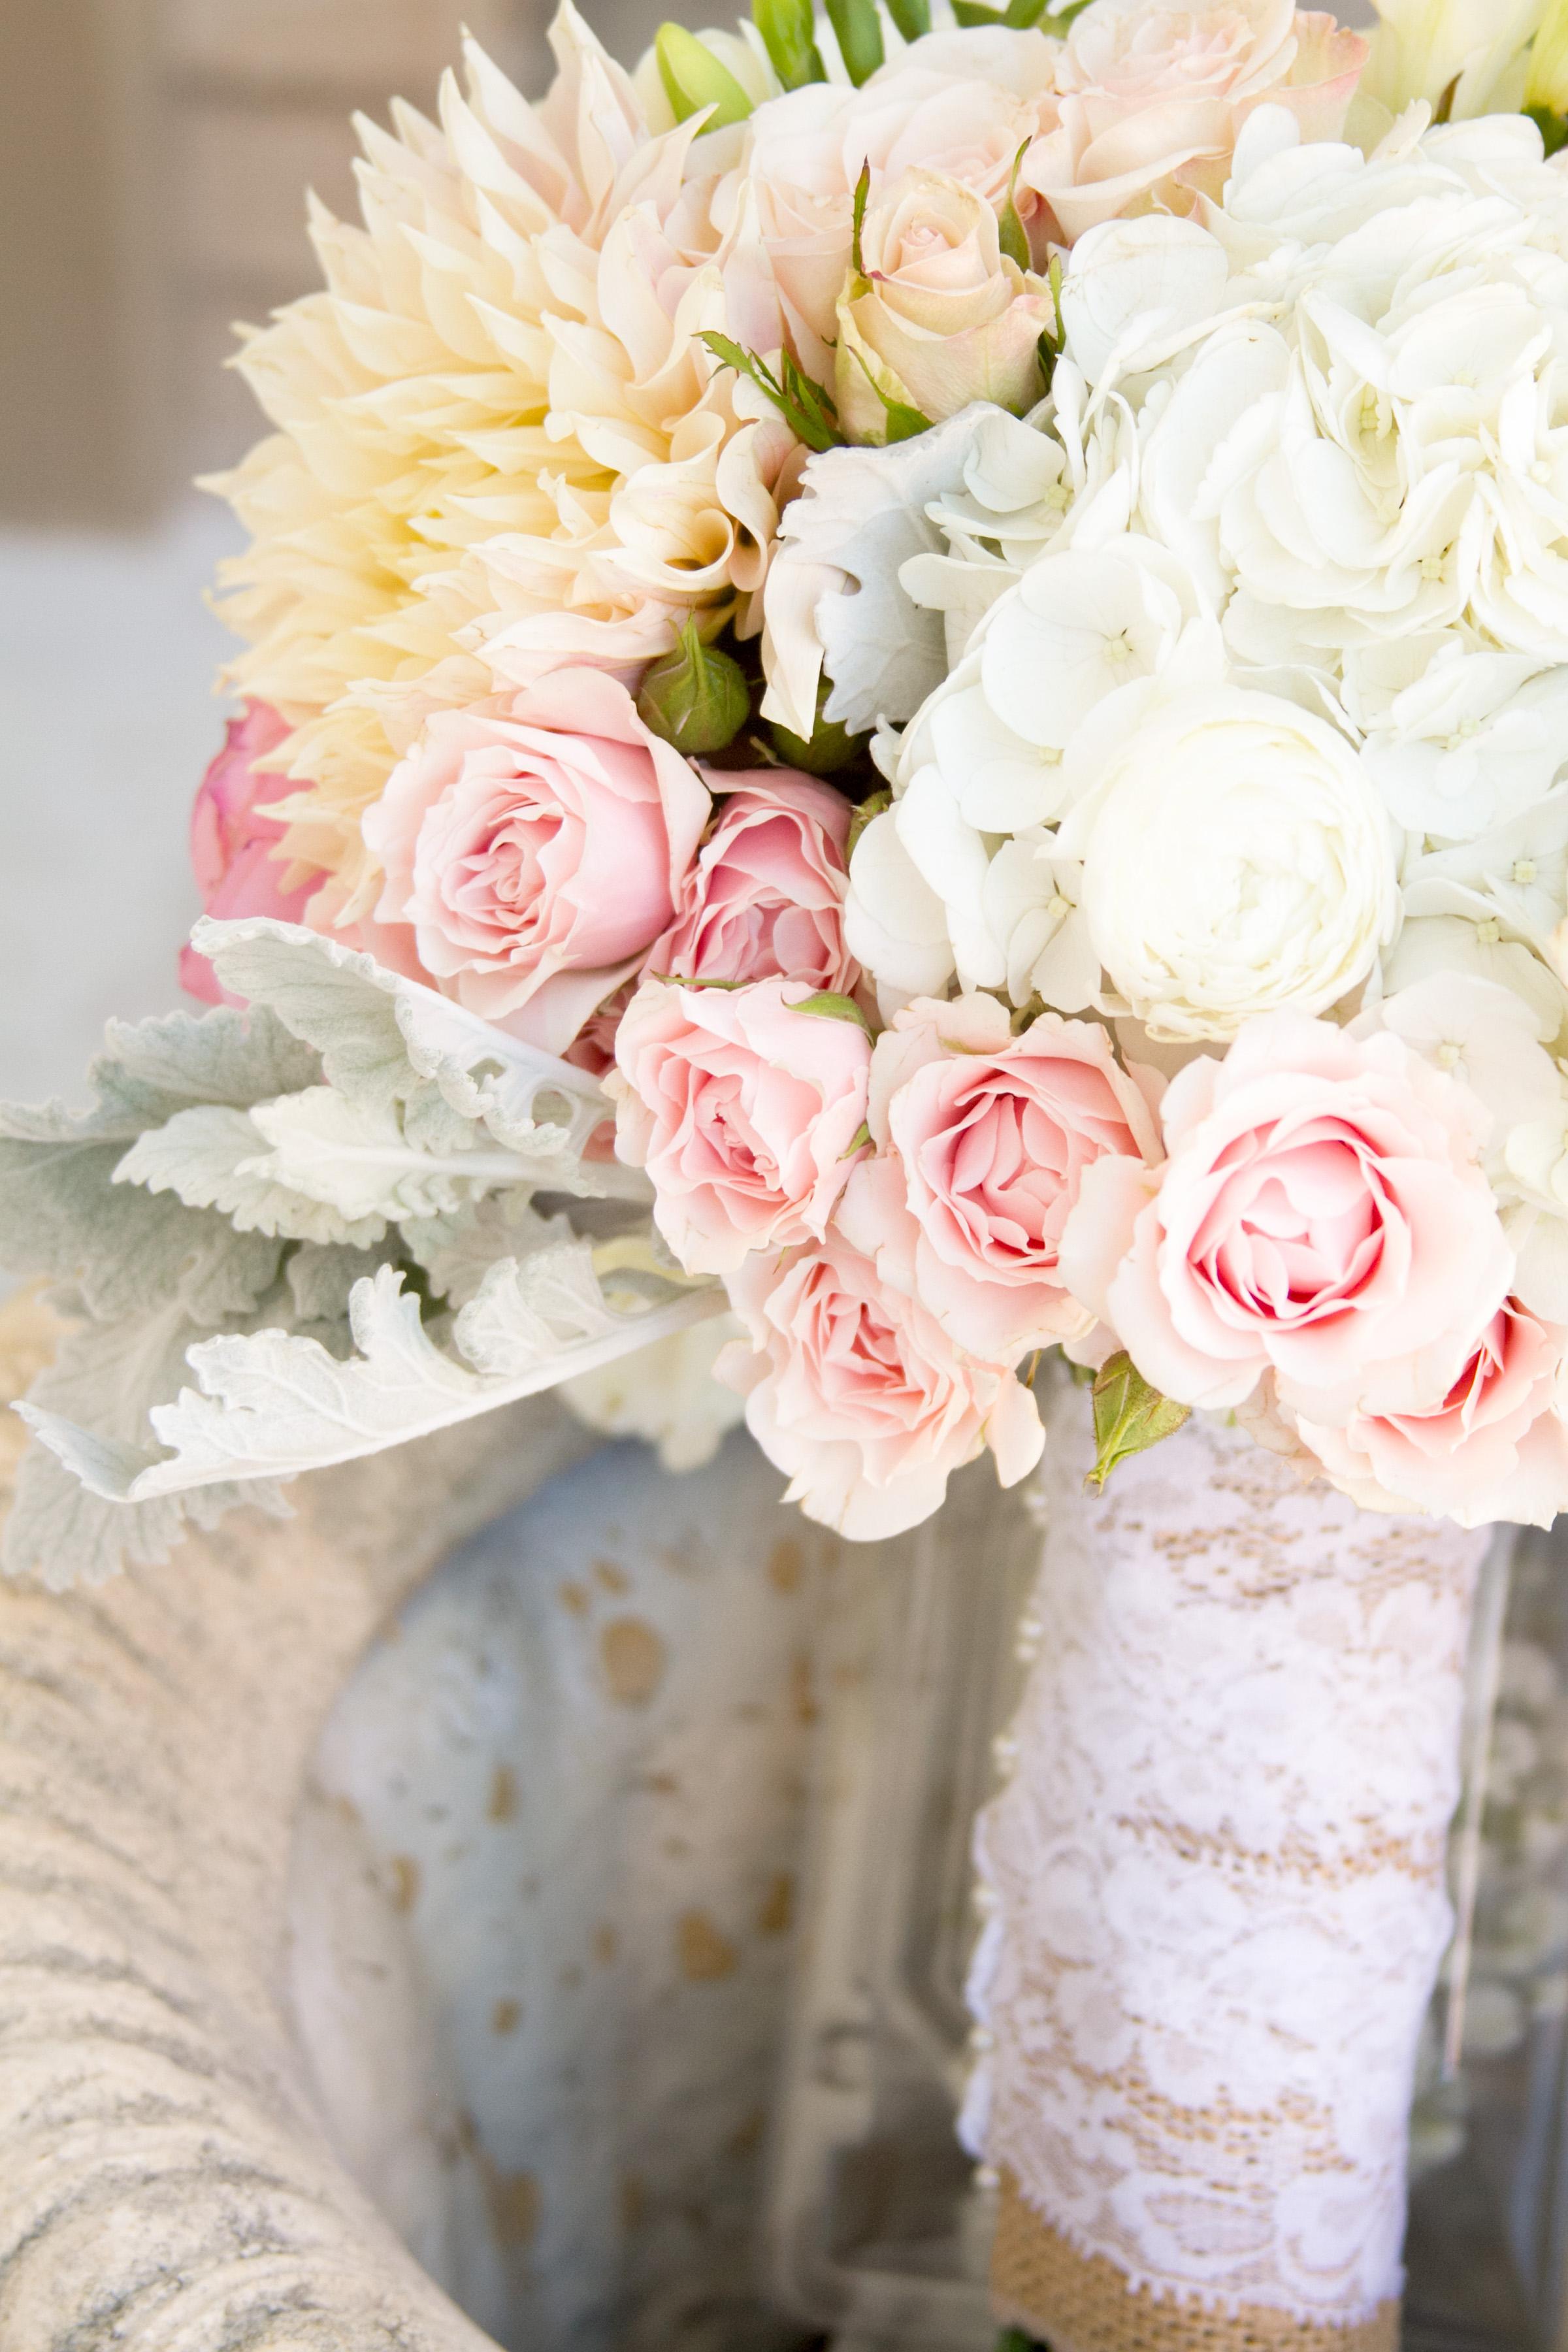 Telluride Wedding Florist, blush wedding bouquet